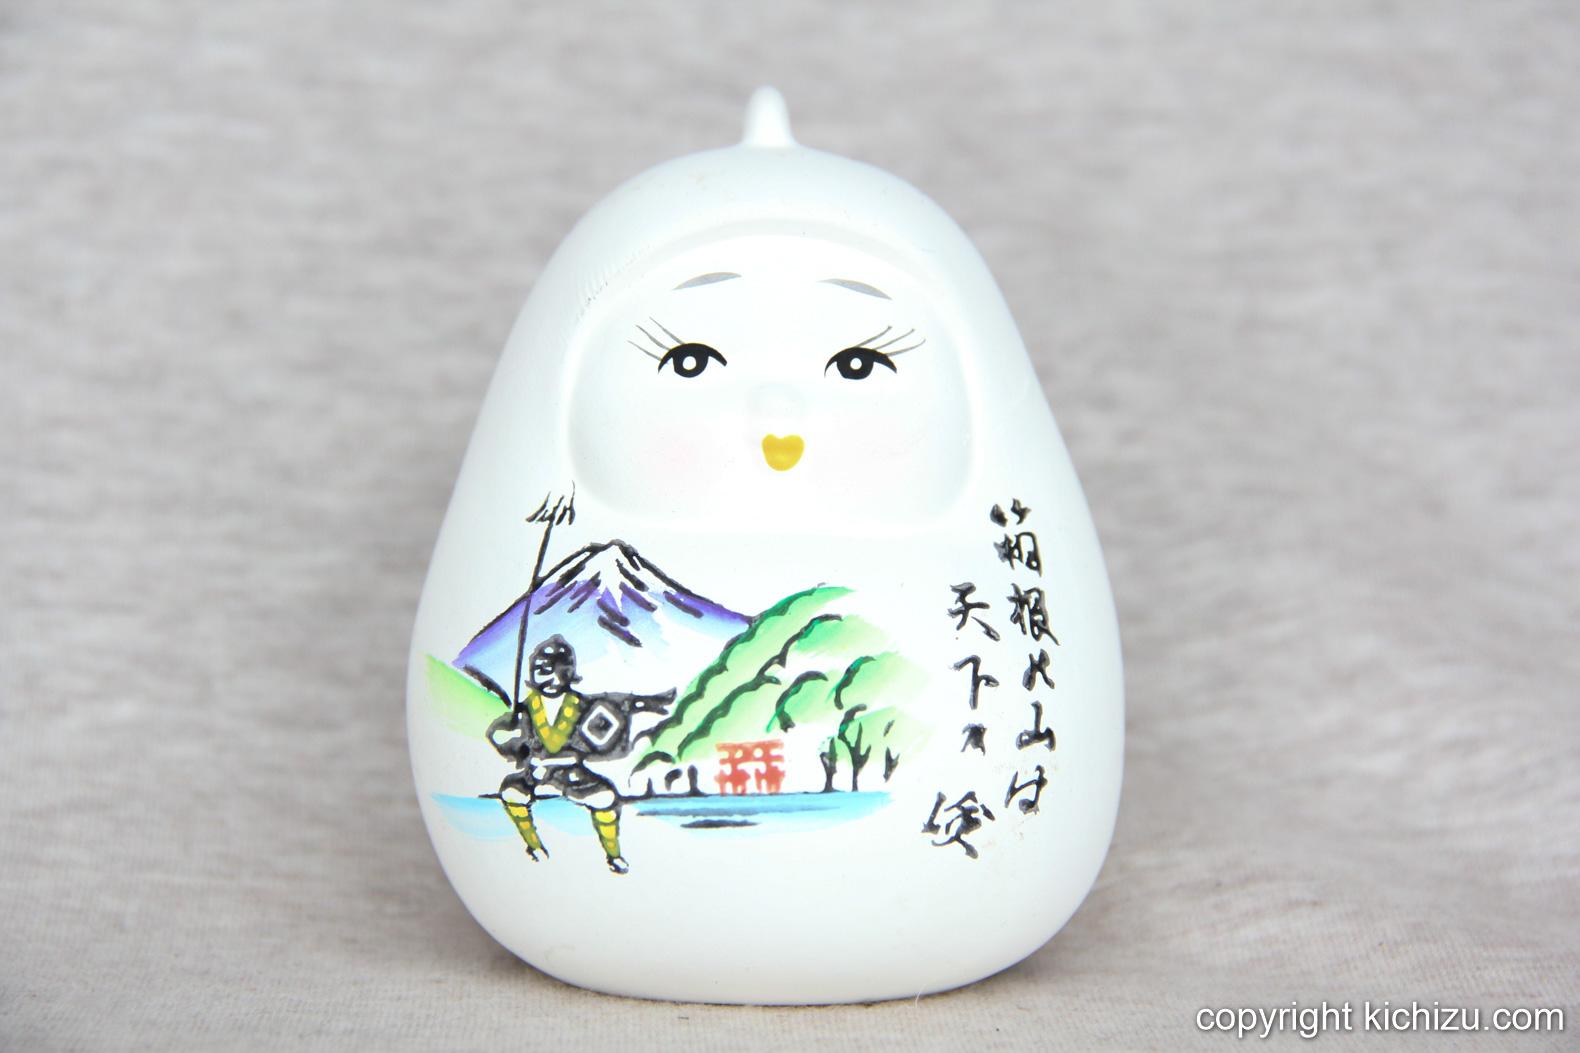 白い人形に、江戸時代の箱根の風景が描かれている。